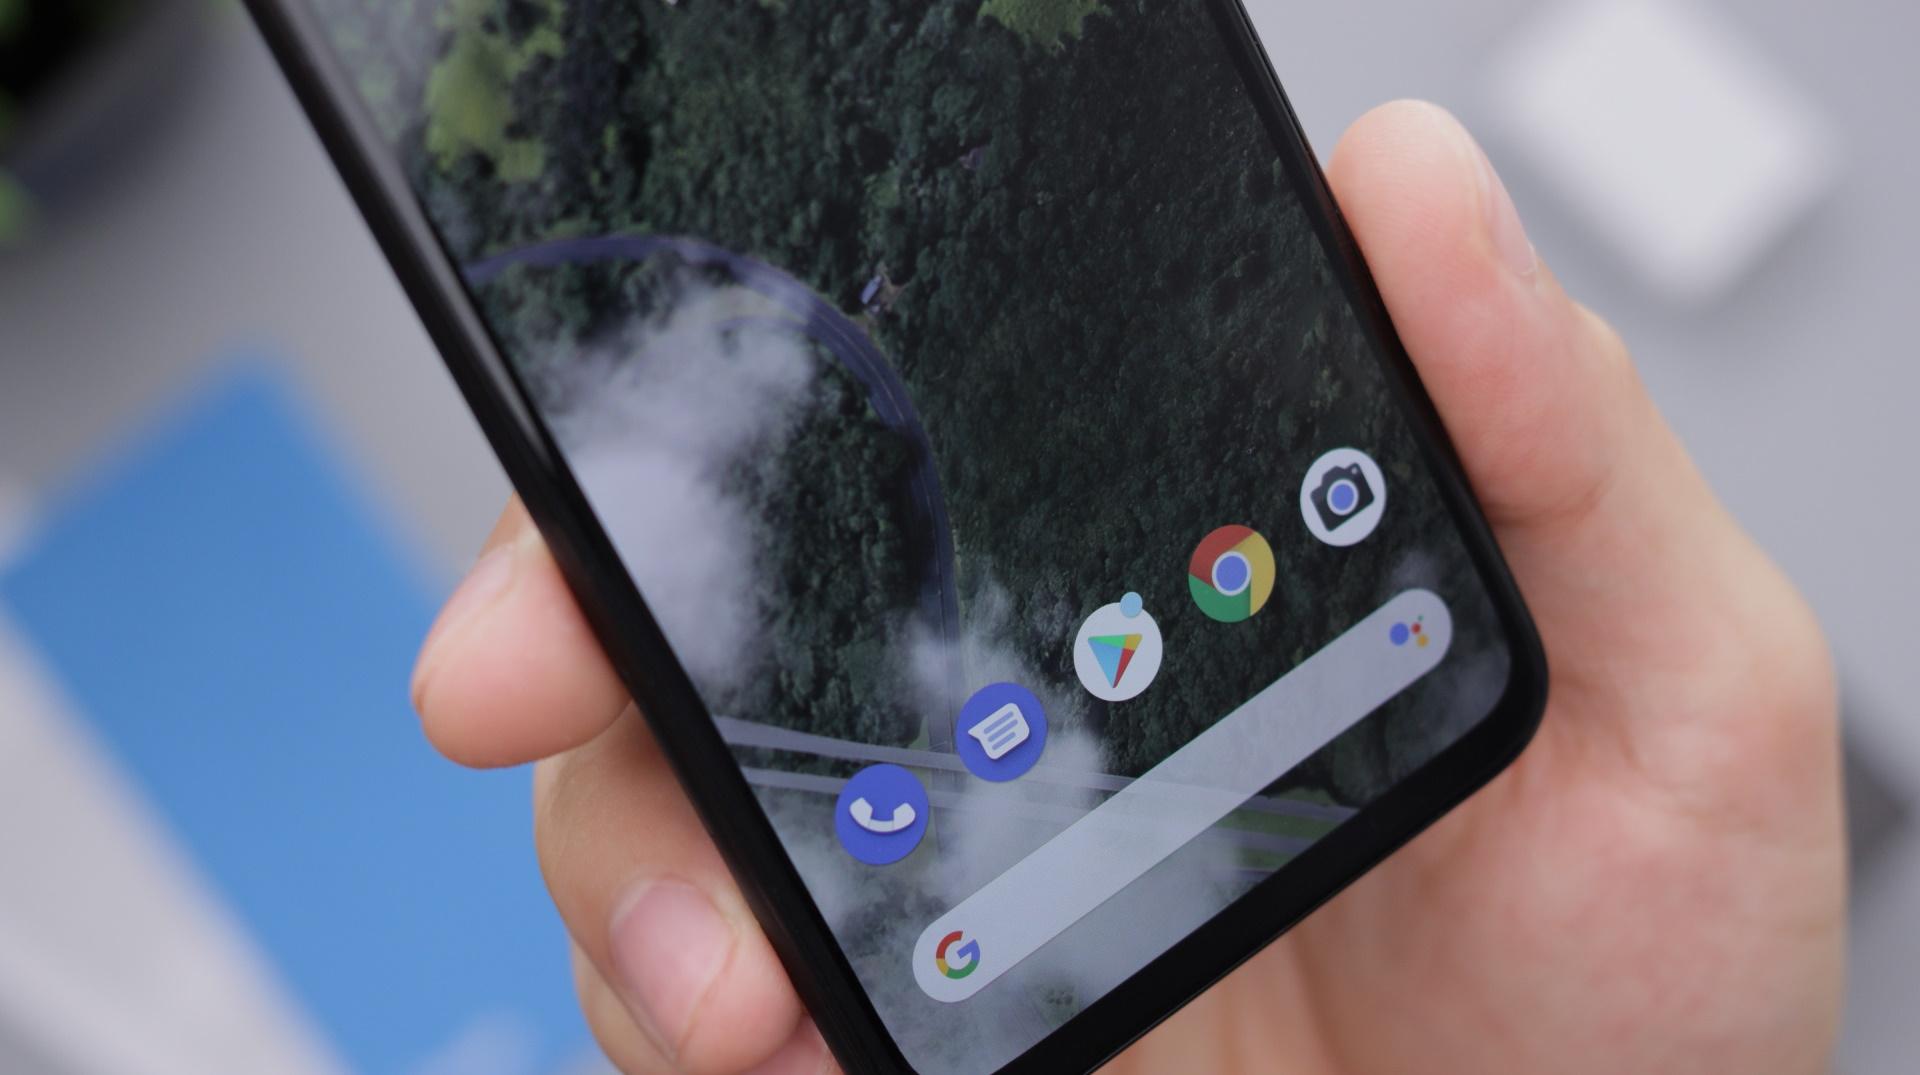 Változhat a felhasználókövetés a Google felületein